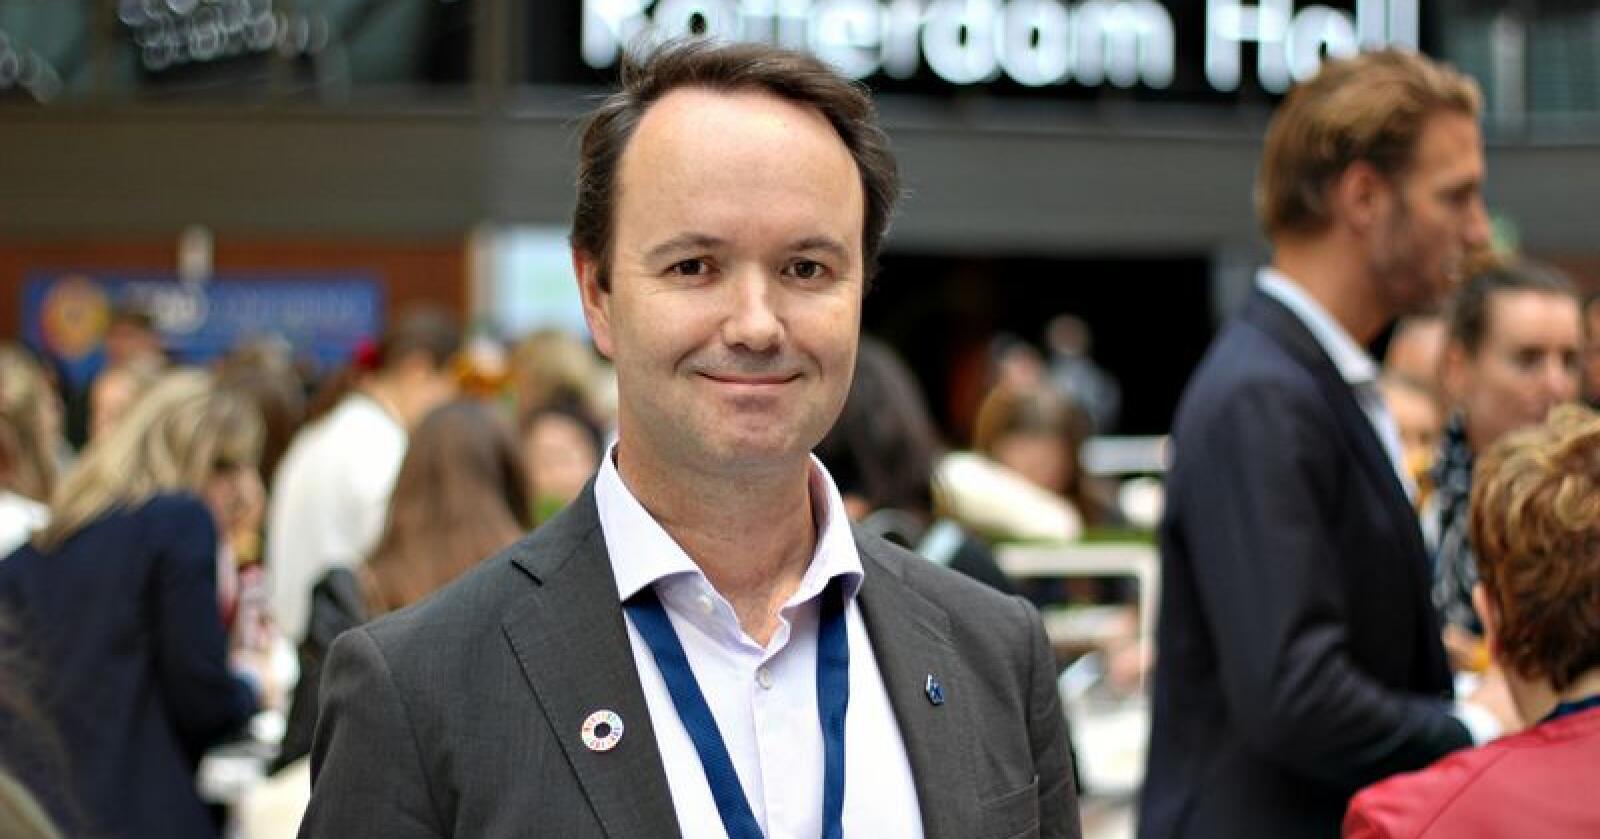 – Mattilsynet er viktig i arbeidet for å få bedre dyrevelferd, sier Arnt Steffensen, leder i kost- og ernæringsforbundet i Delta. (Foto: Privat)